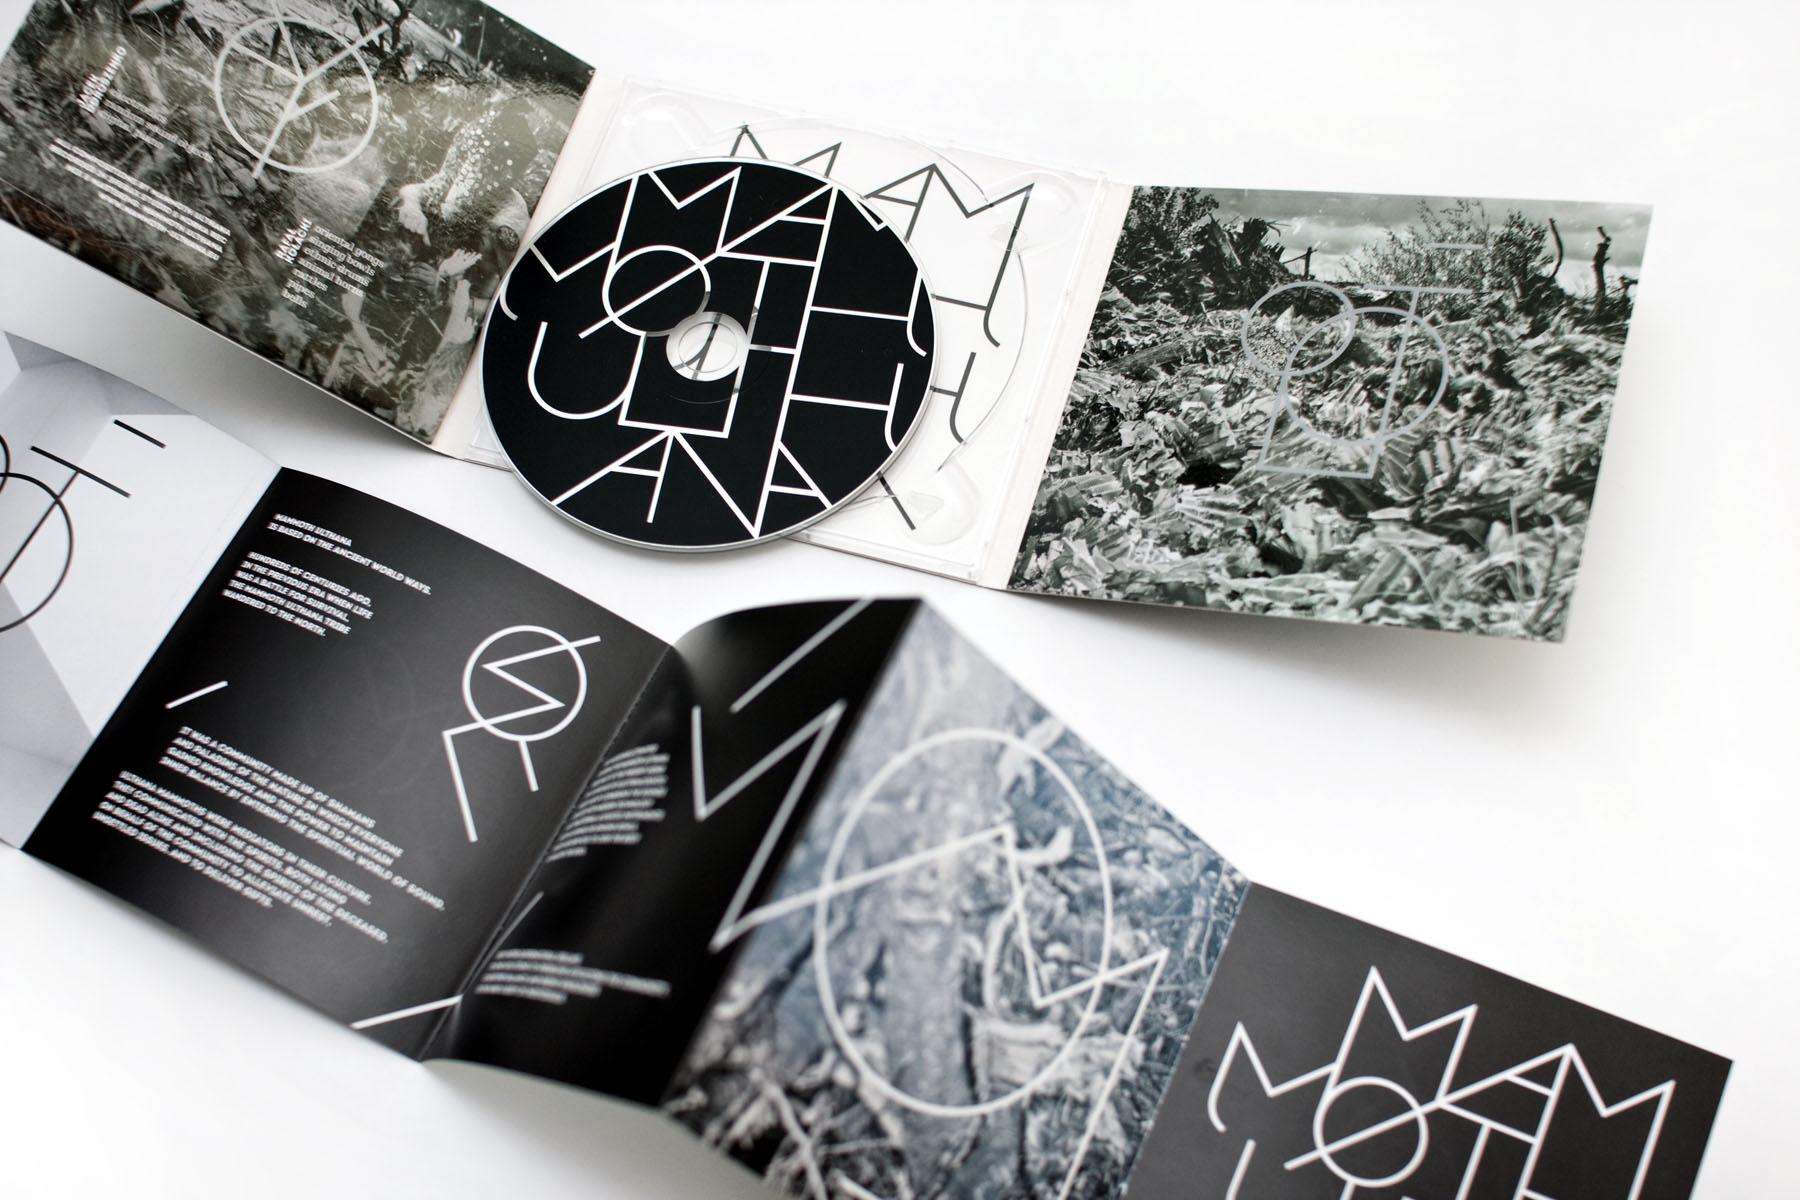 Mammoth Ulthana – Jacek Doroszenko and Rafał Kołacki, debut album